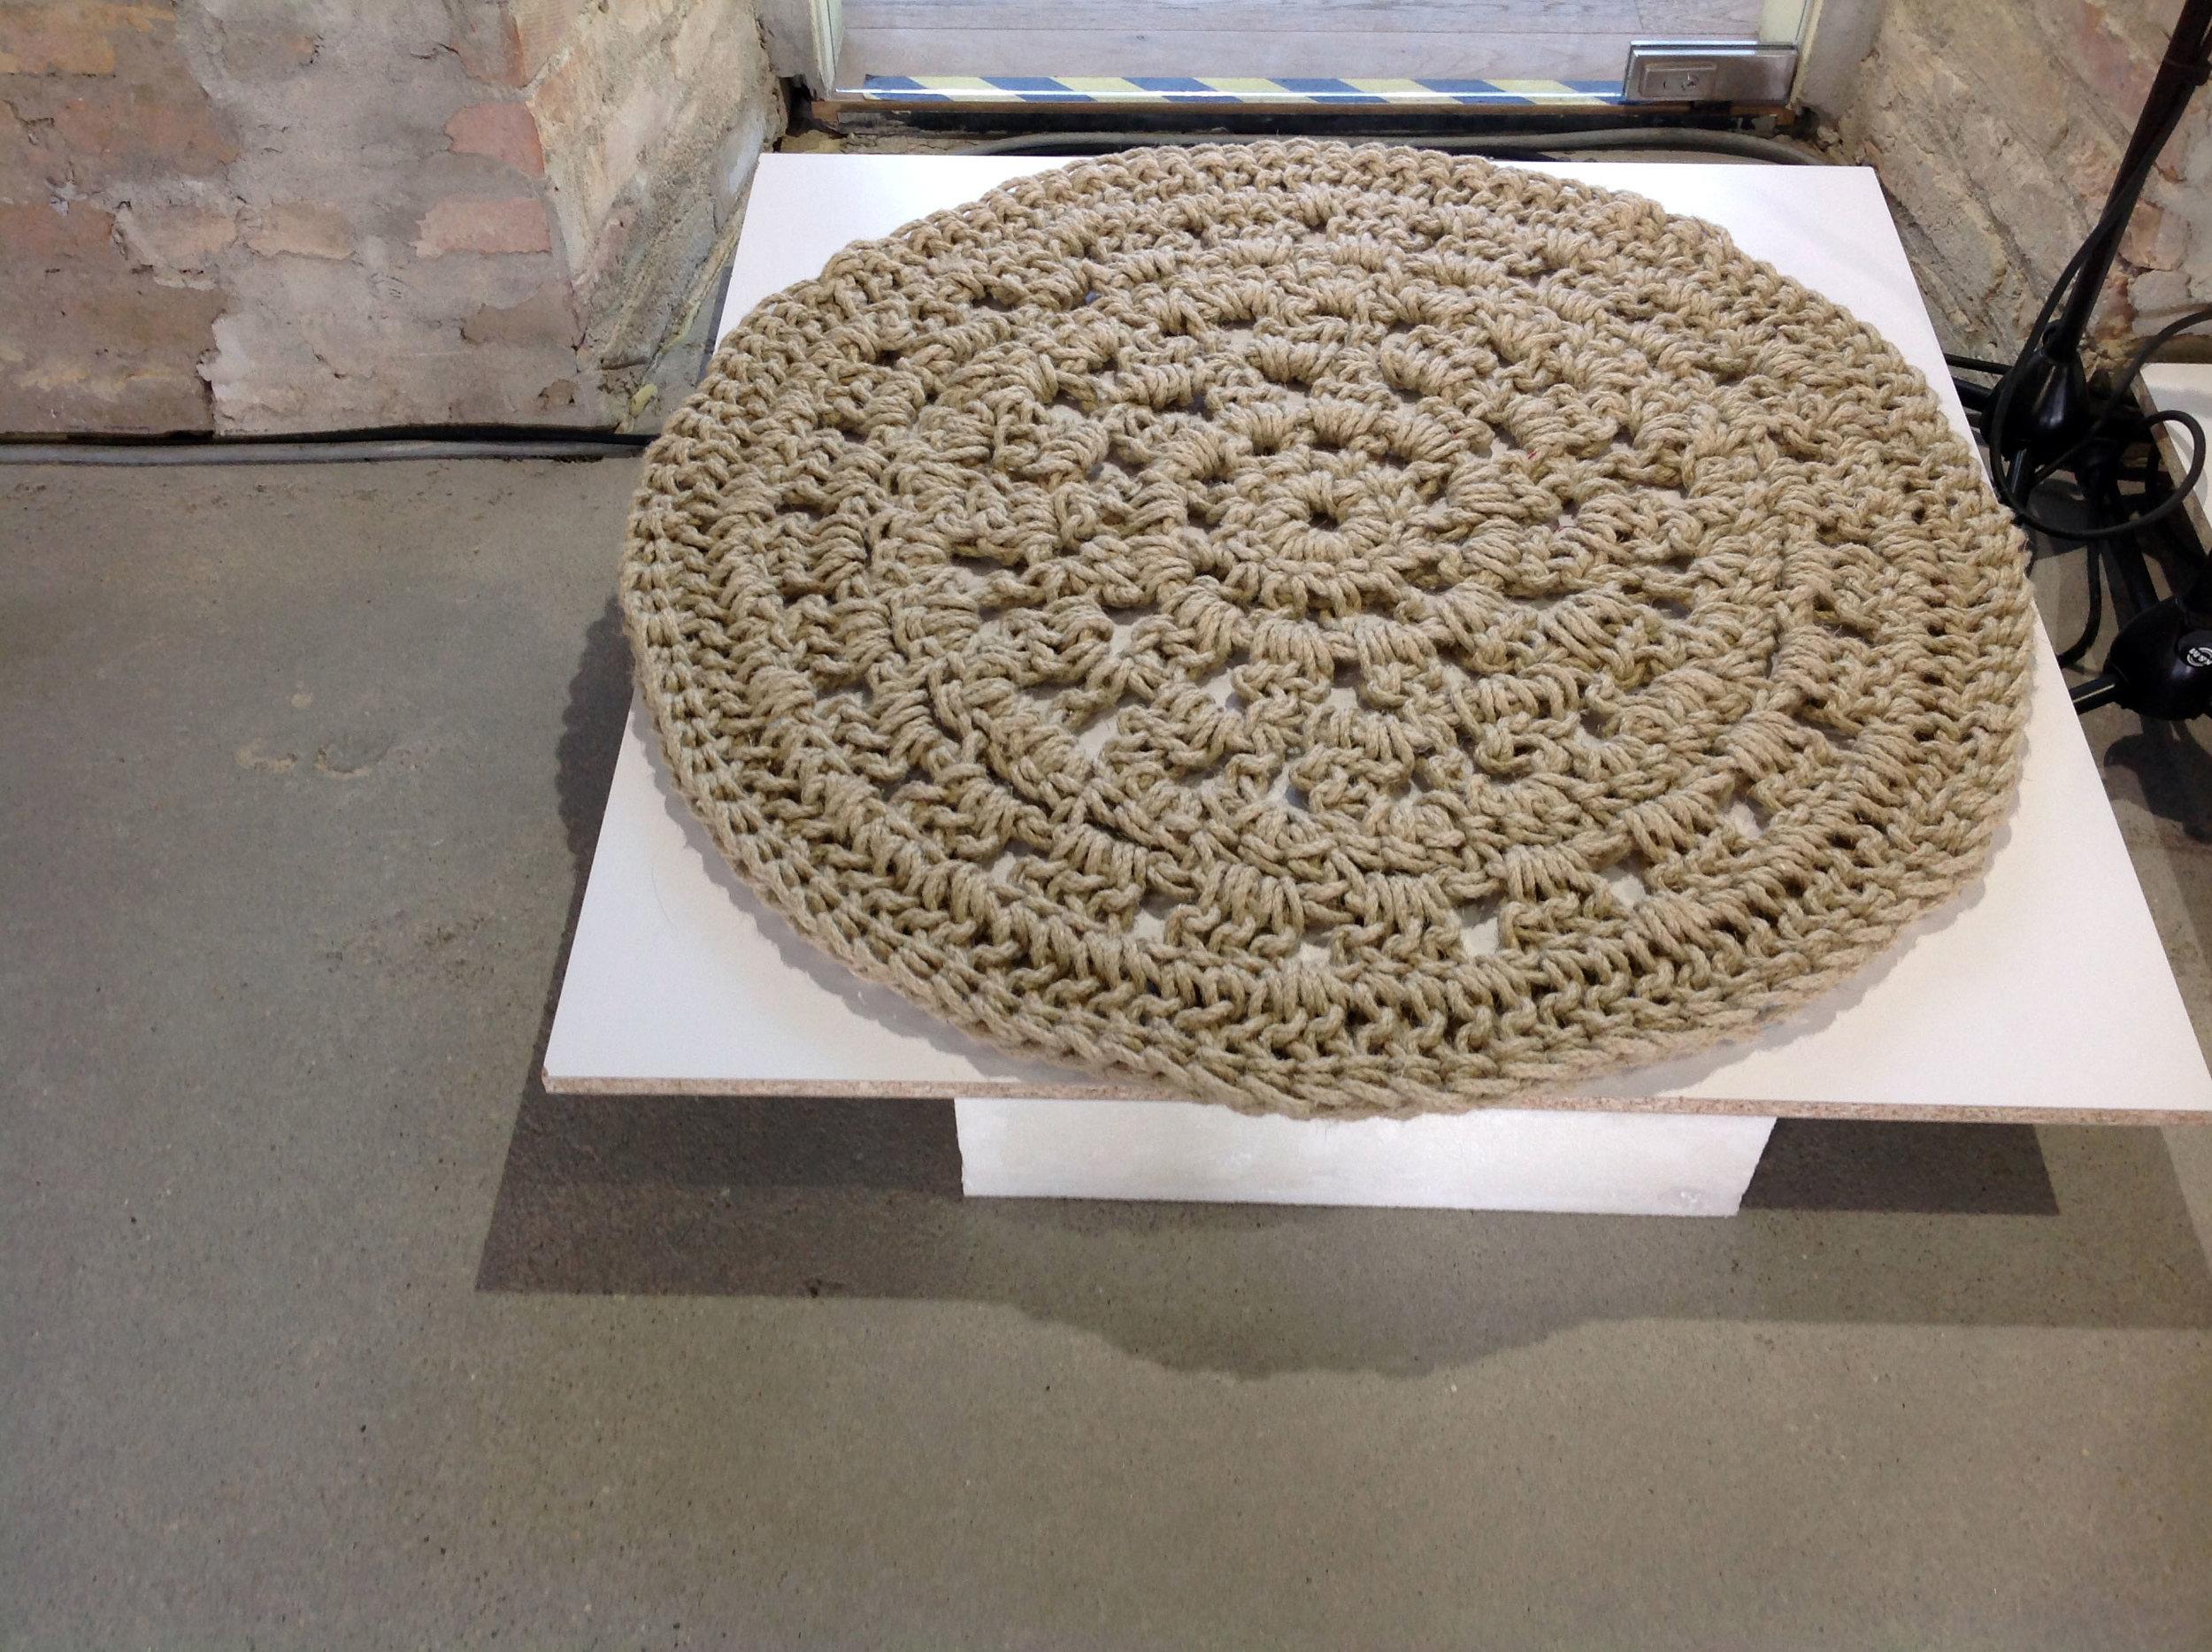 KÖRÖS KÖRÜL  - Tervező: Lőrincz Lili HannaTermékismertető:Természetes alapanyagból, horgolással készült kül- vagy beltéri szőnyeg. A hagyományos horgolás újragondolásával a vastag merev, szálak is felhasználhatóak, melyek izgalmas struktúrafelületet képeznek, ami kiválóan alkalmas szőnyeg készítésére is.